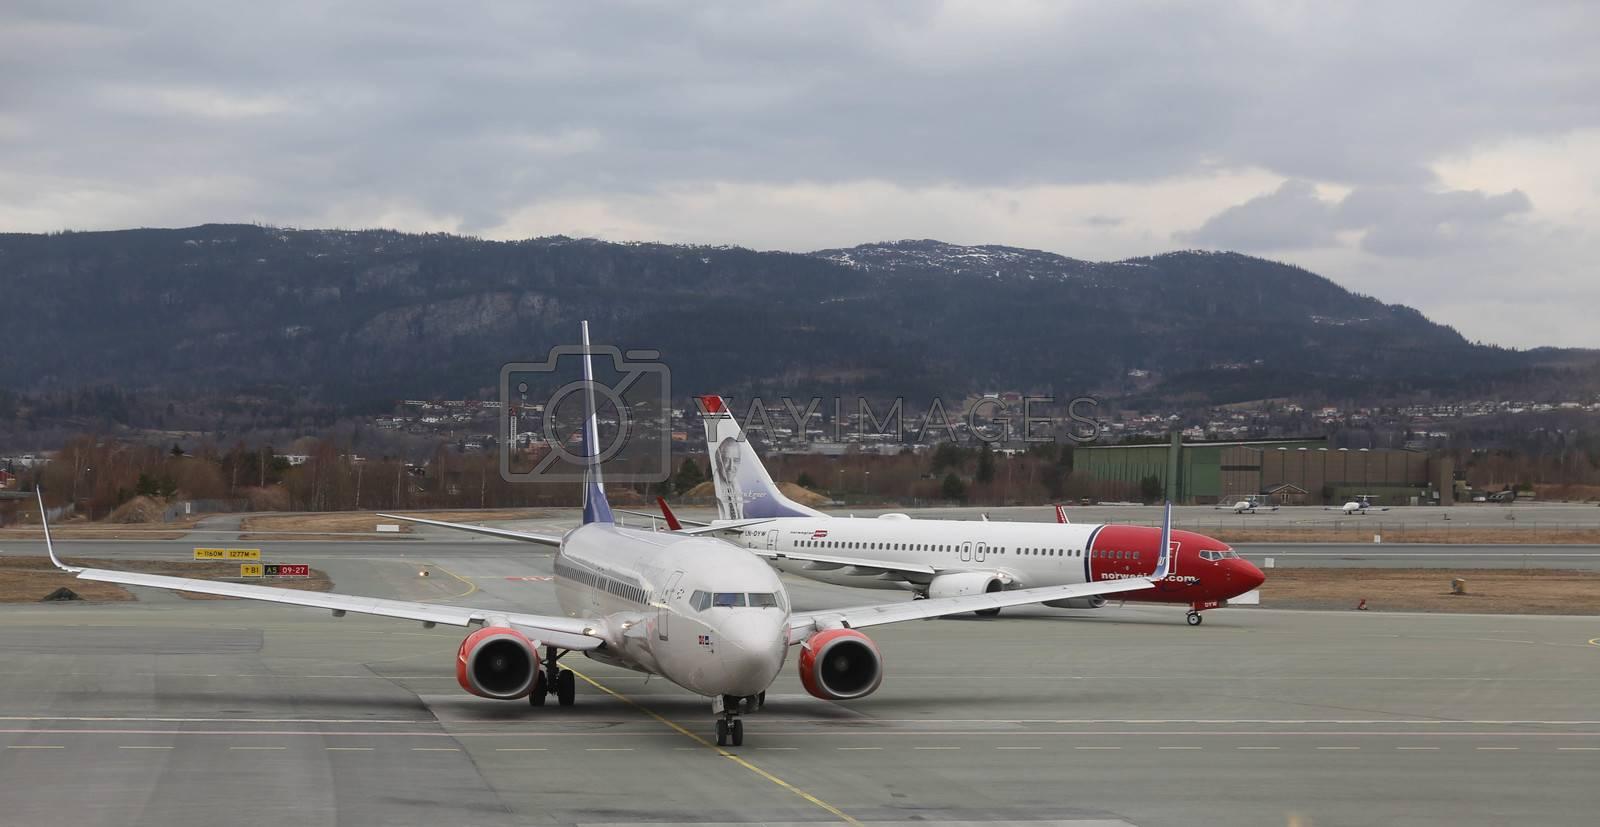 Trondheim lufthavn - Værnes